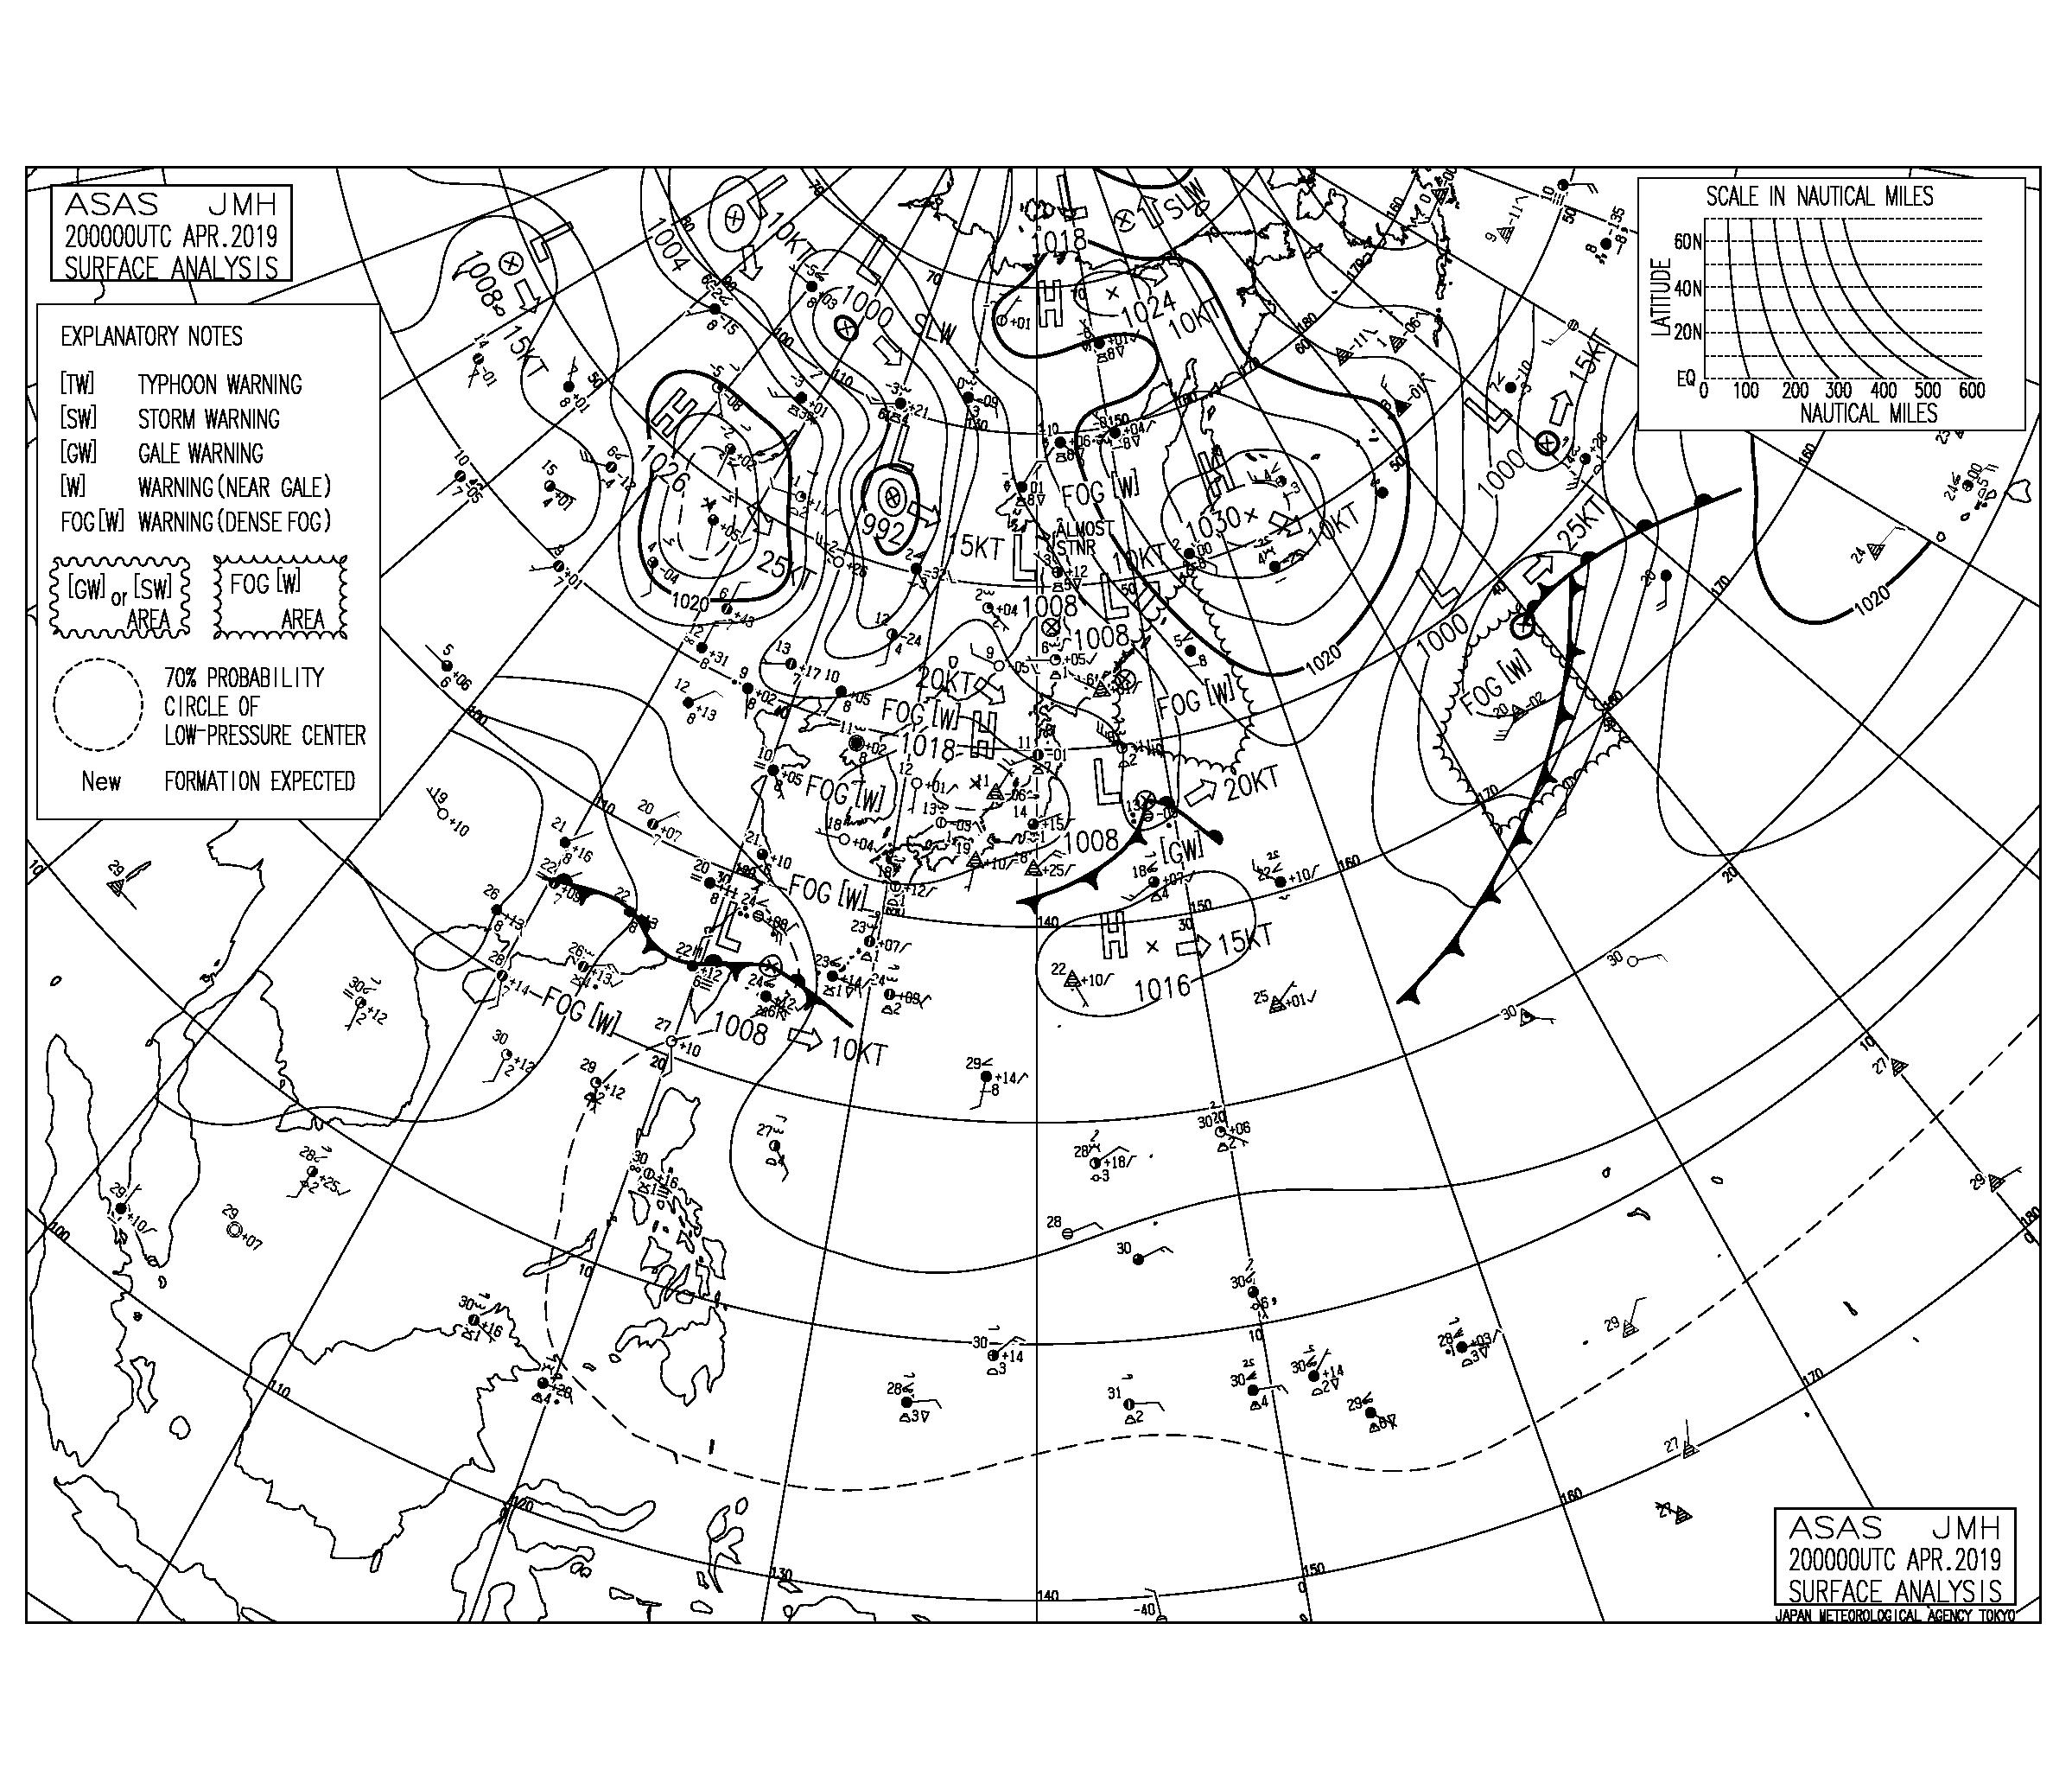 北東から東の風が強くジャンクな波、午後からは南よりの風へシフト【2019.4.20】